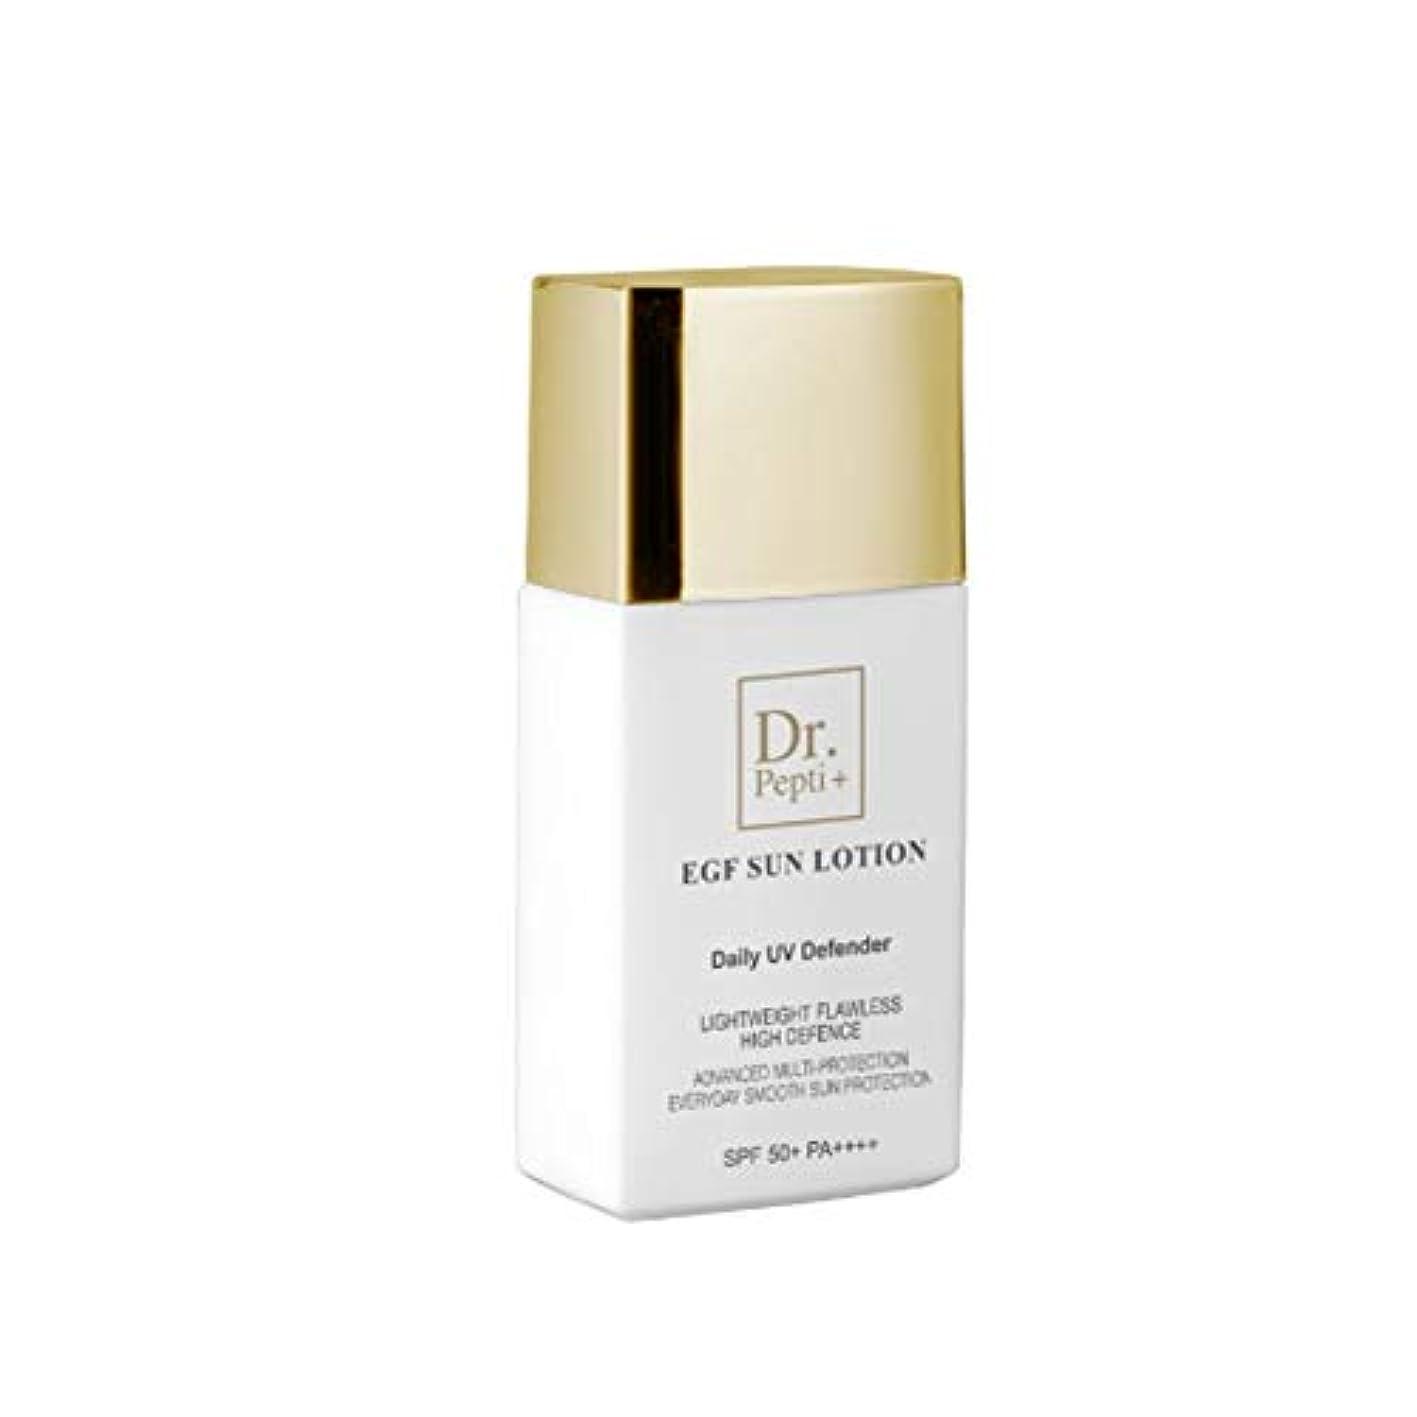 積極的にモットー一時停止ジェイアンドコーシュドクターペプチEGFサンローション50mlサンクリーム韓国コスメ、J&Coceu Dr.Pepti+ EGF Sun Lotion 50ml Sun Cream Korean Cosmetics [並行輸入品]